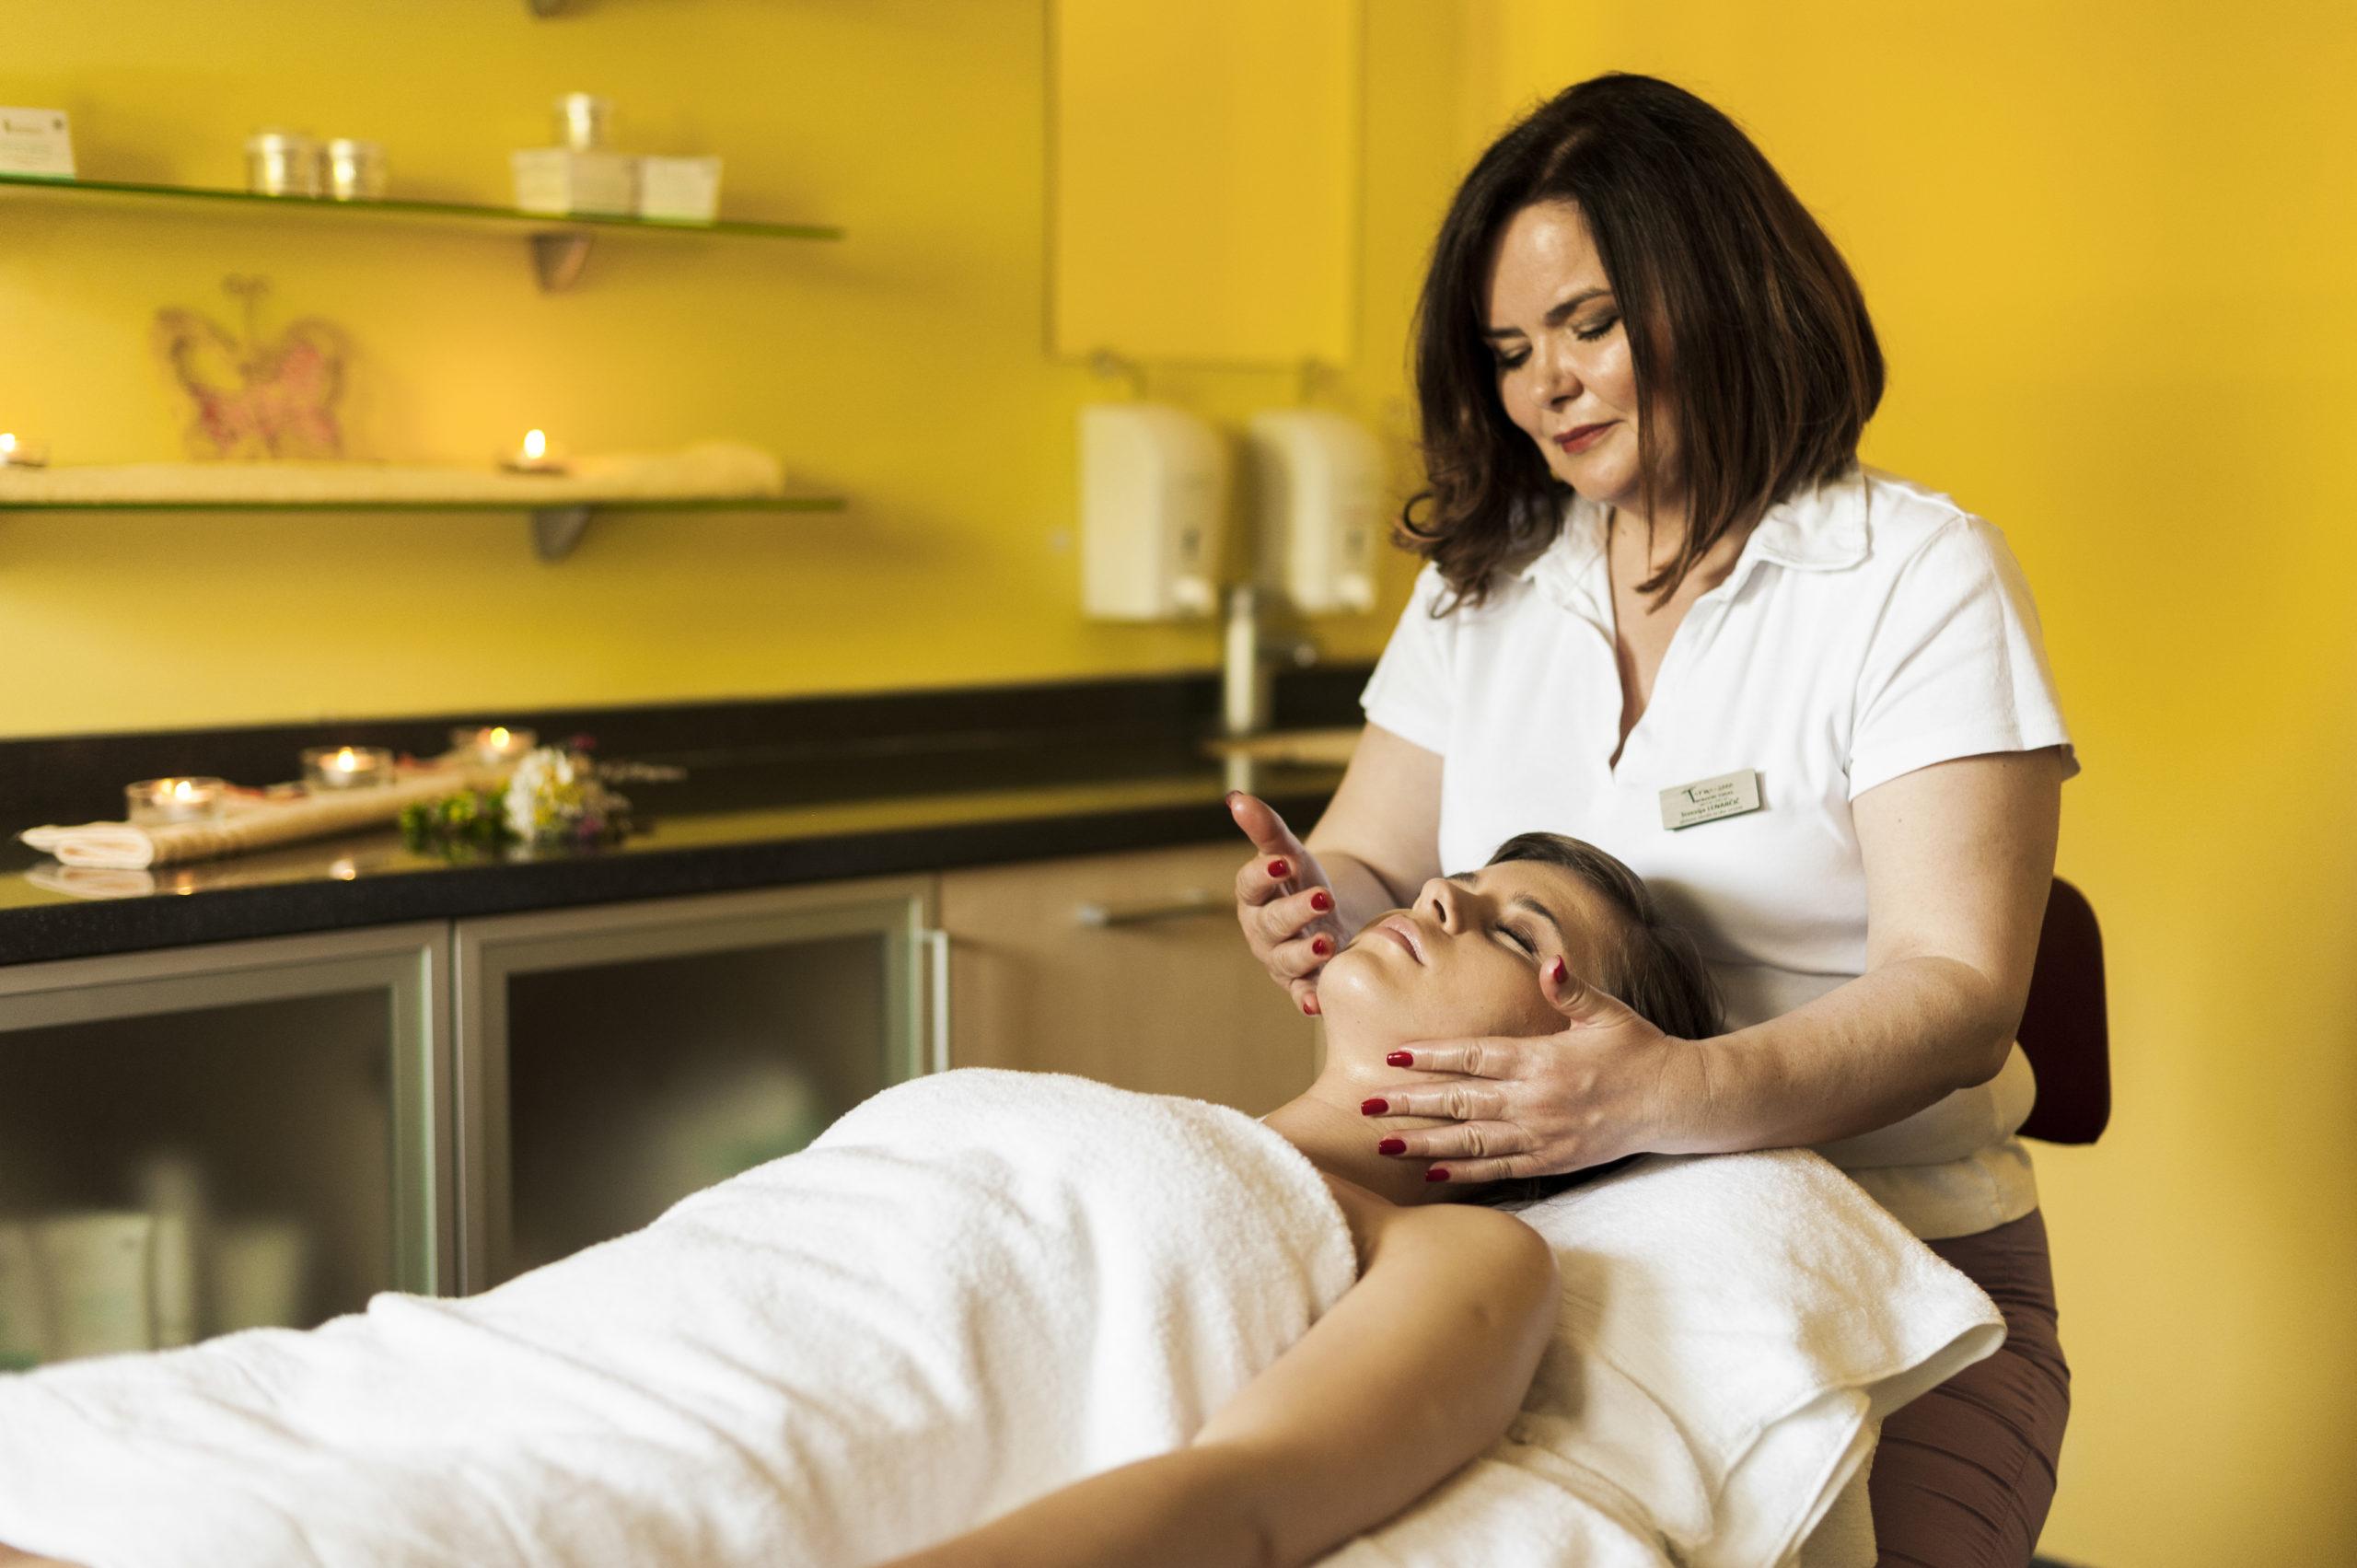 Women have massage_02_Wellness Thermalium_T3000_Foto ZV_09 14